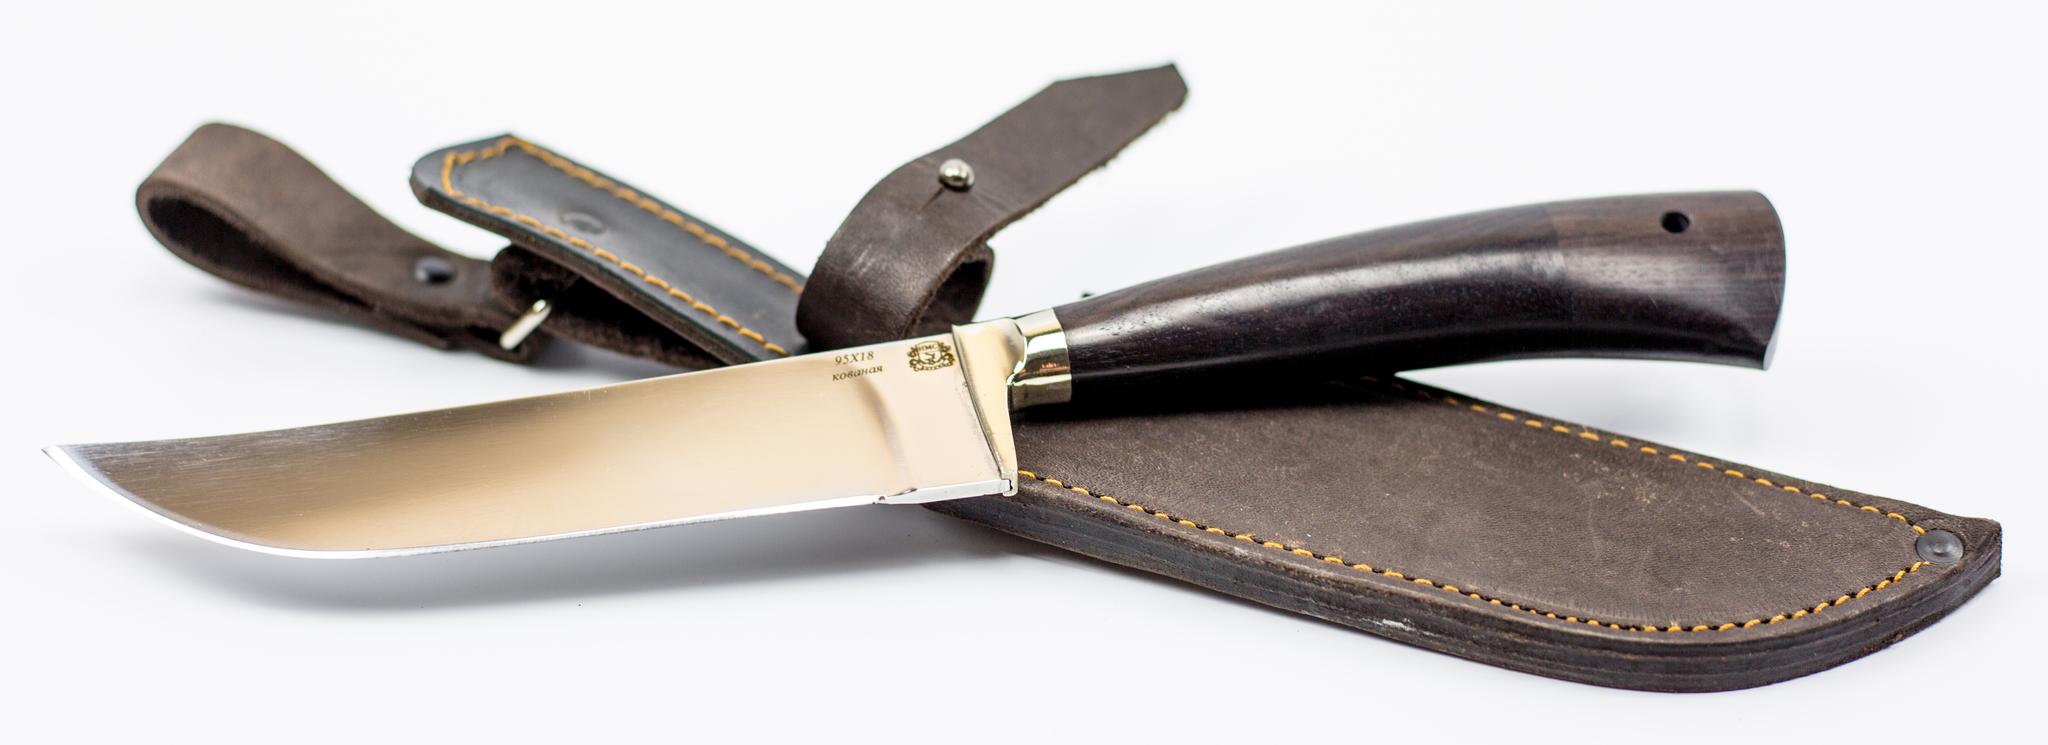 Фото 11 - Нож Пчак С, 95х18 от Мастерская Сковородихина